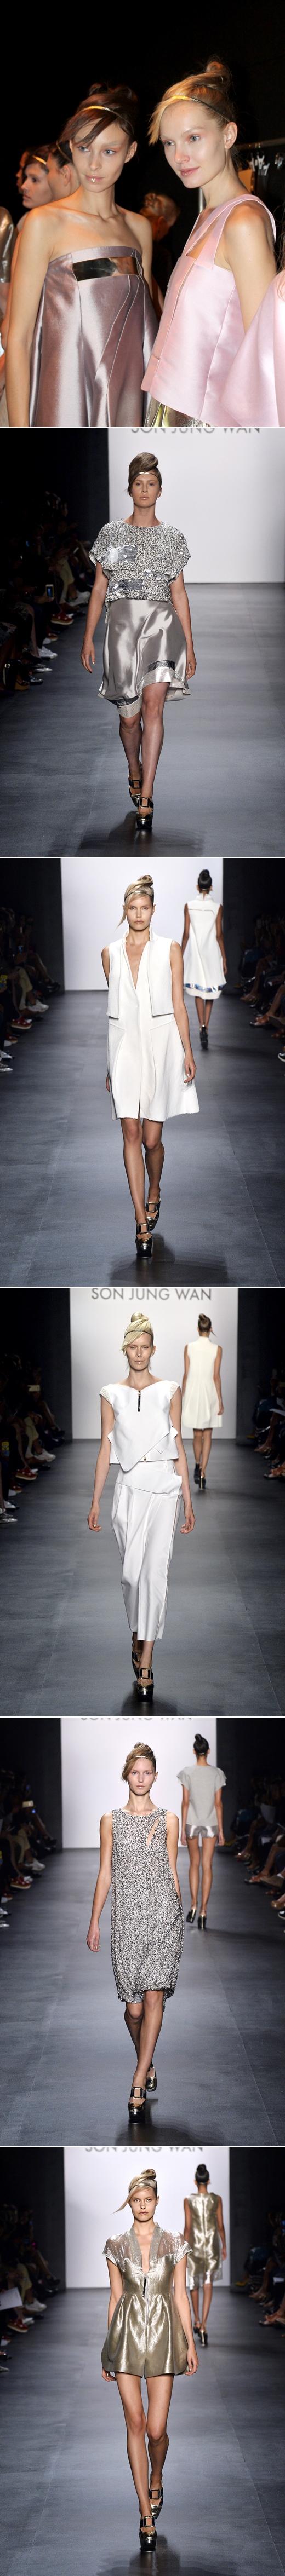 디자이너 손정완,뉴욕 2016 S/S 컬렉션…제주 바다 재해석